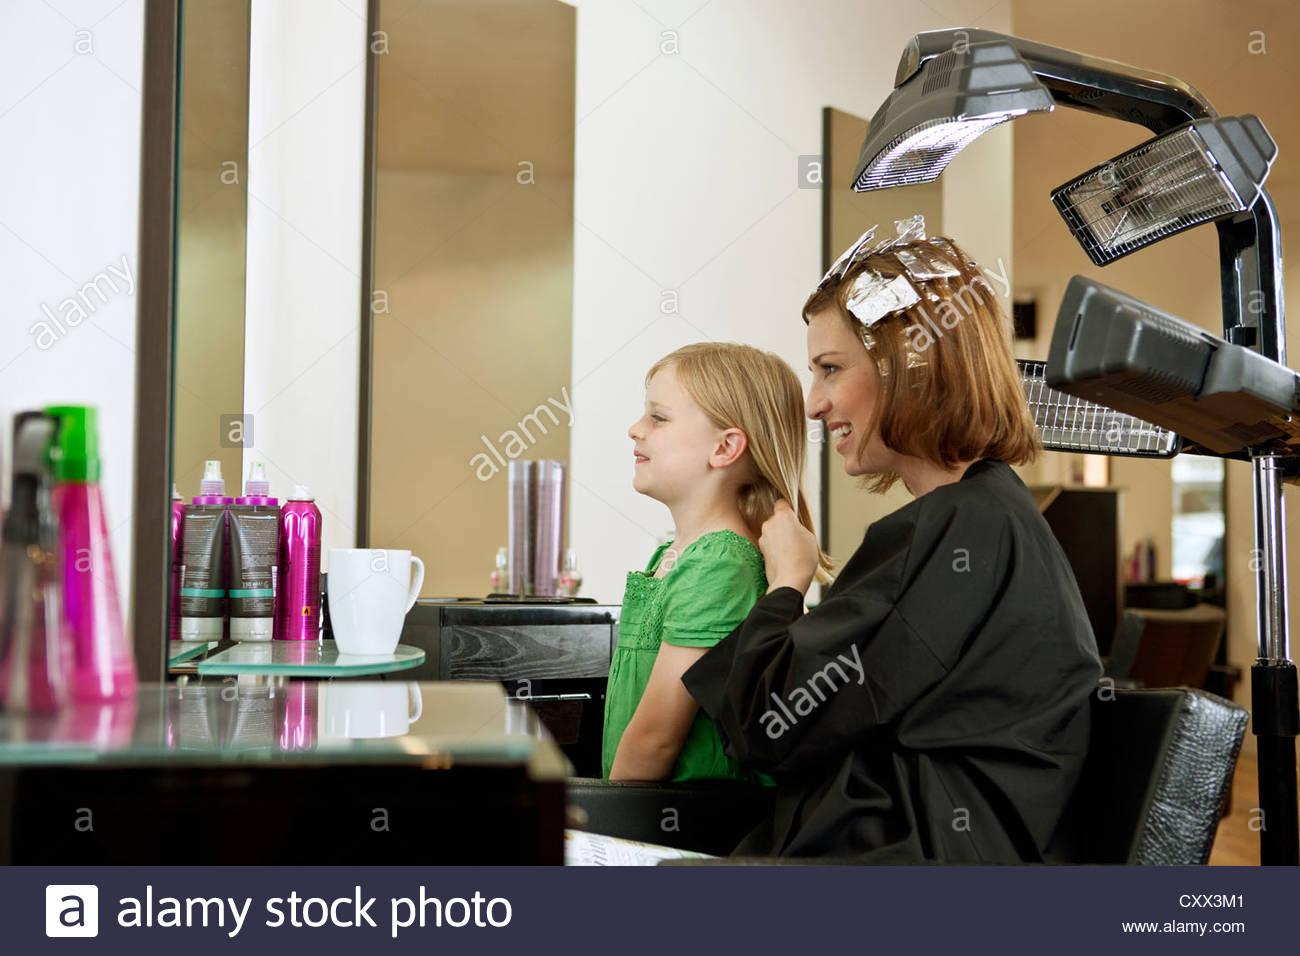 Mutter und Tochter in den Spiegel in einem Friseursalon Stockbild